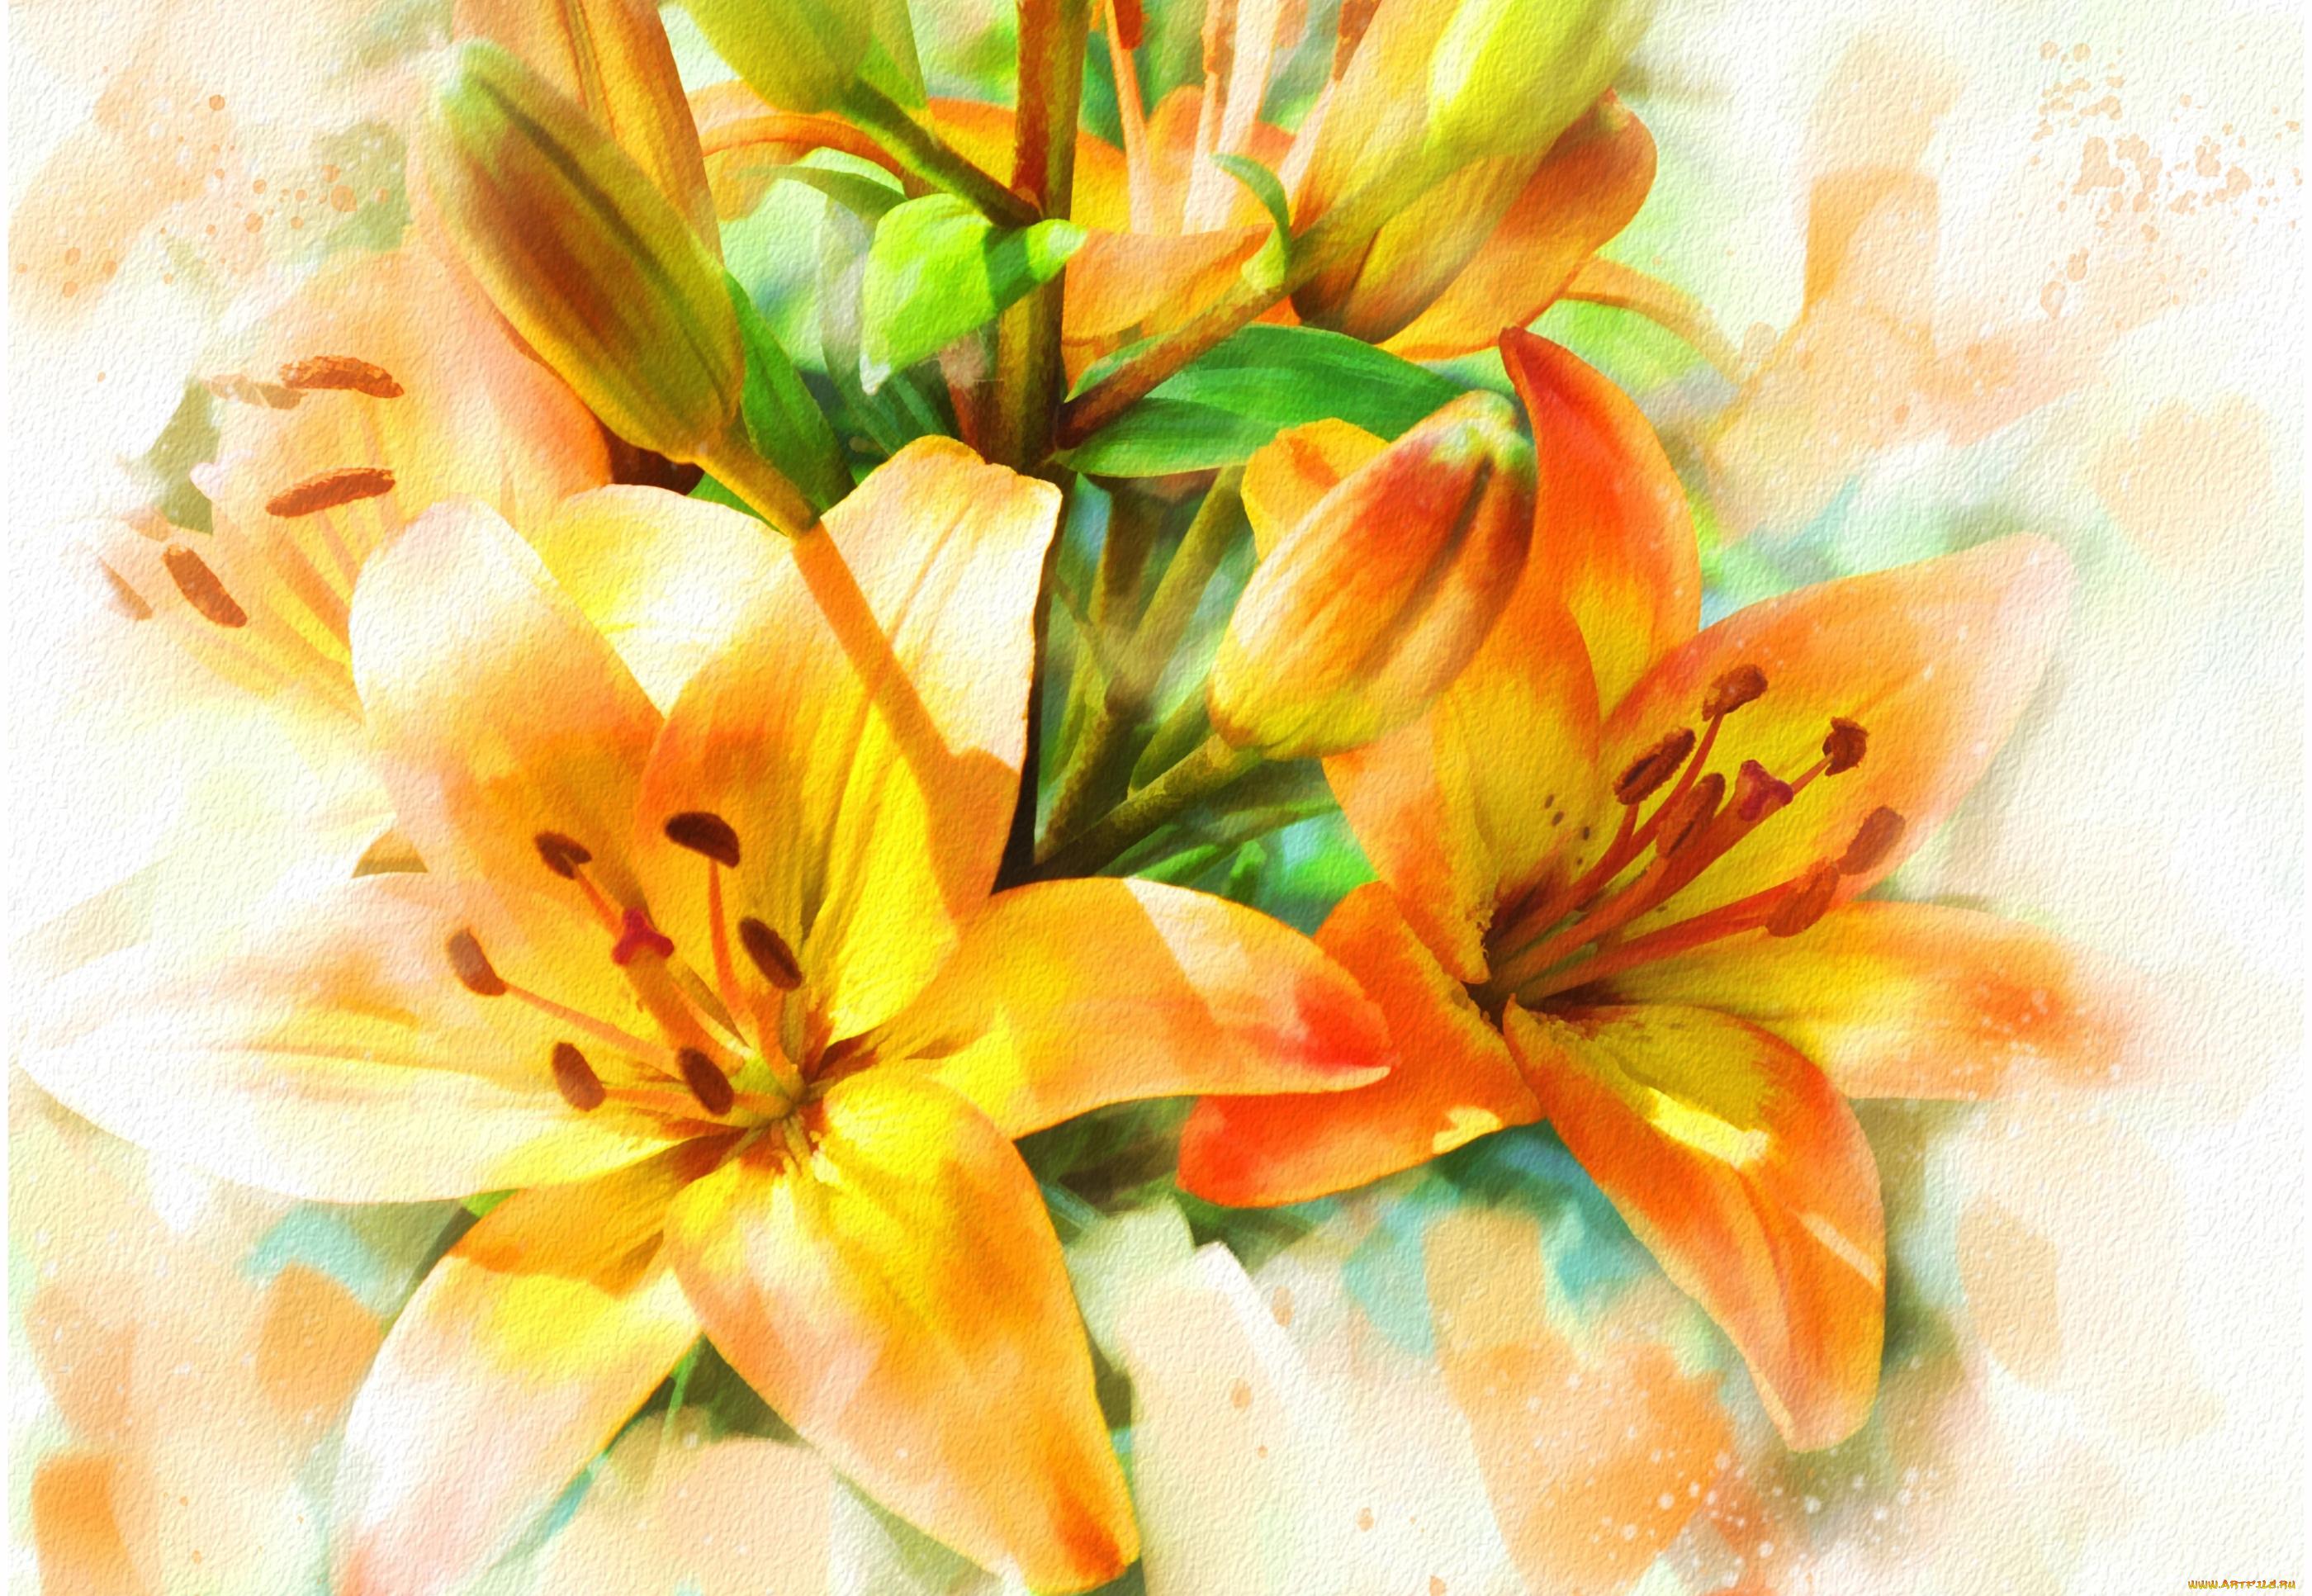 Красивые рисованные открытки цветы похожие на лилии с днем учителя, днем рождения